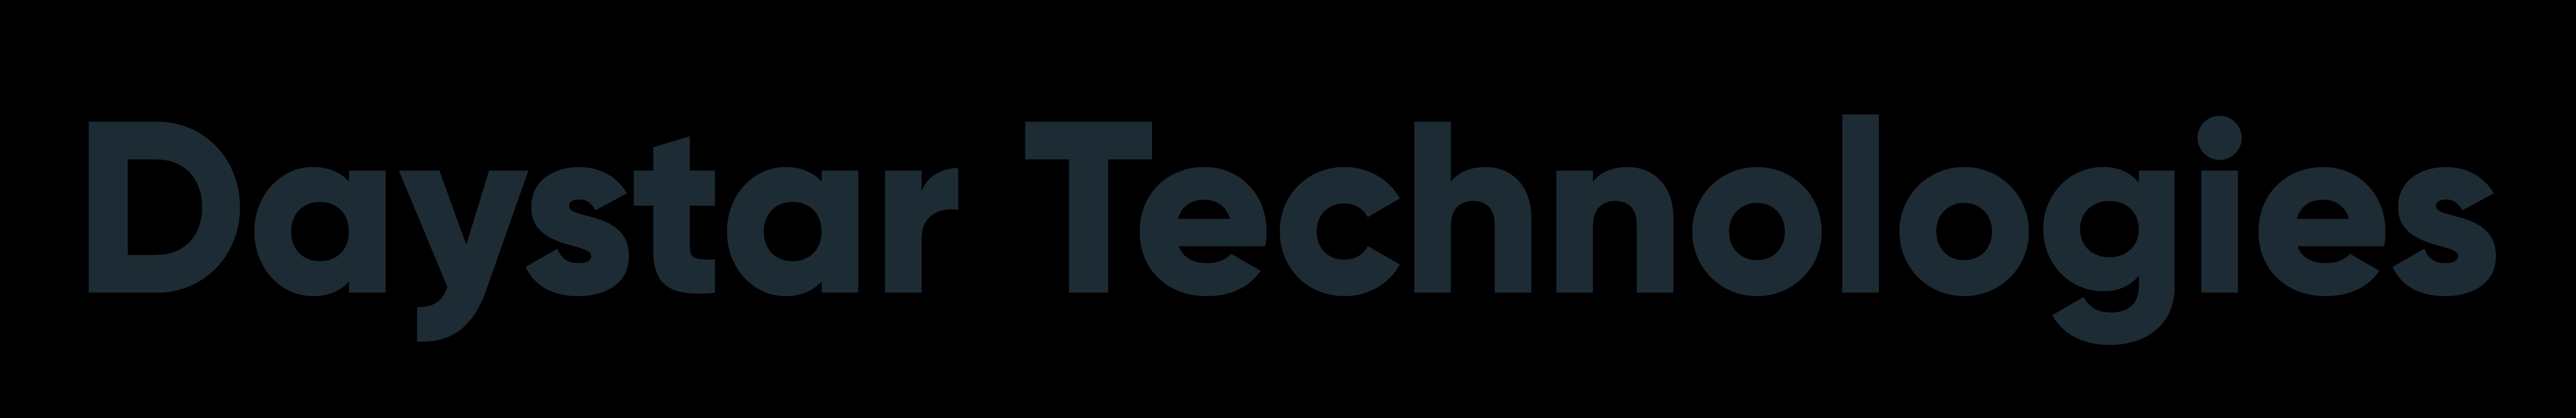 DayStar Technologies logo